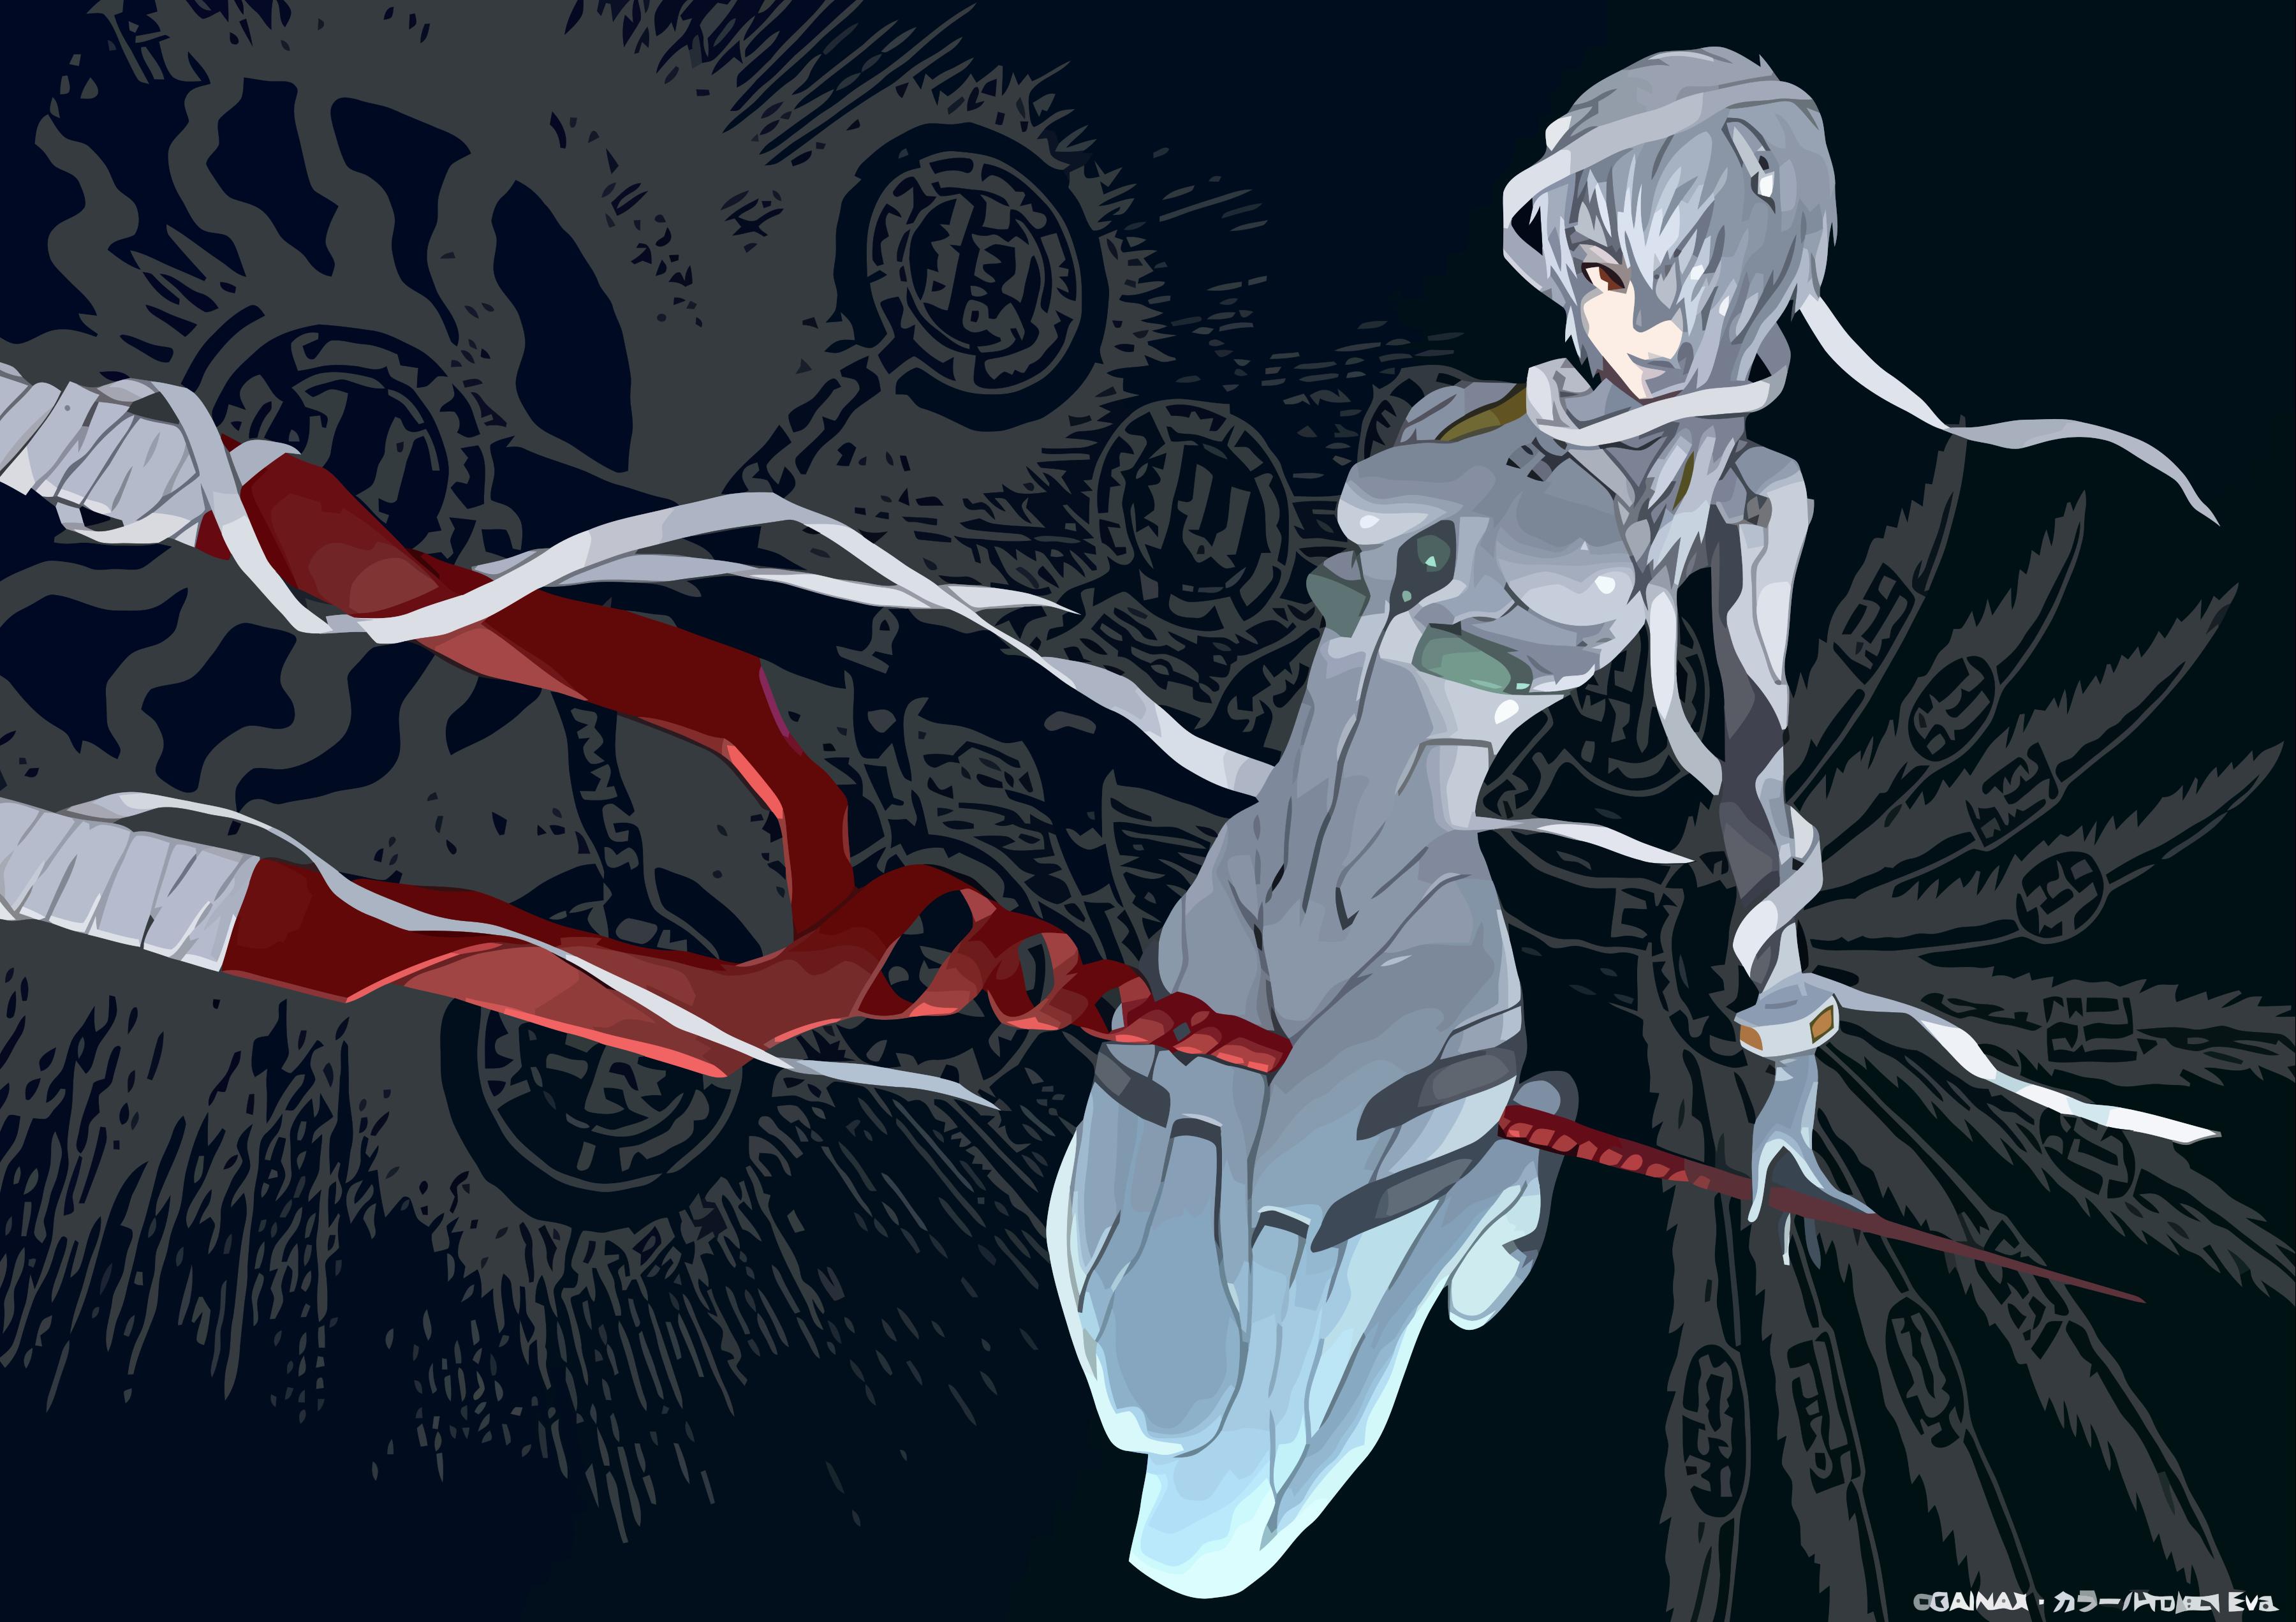 Ayanami Rei Neon Genesis Evangelion Wallpaper Evangelion Neon Genesis Evangelion Evangelion Art